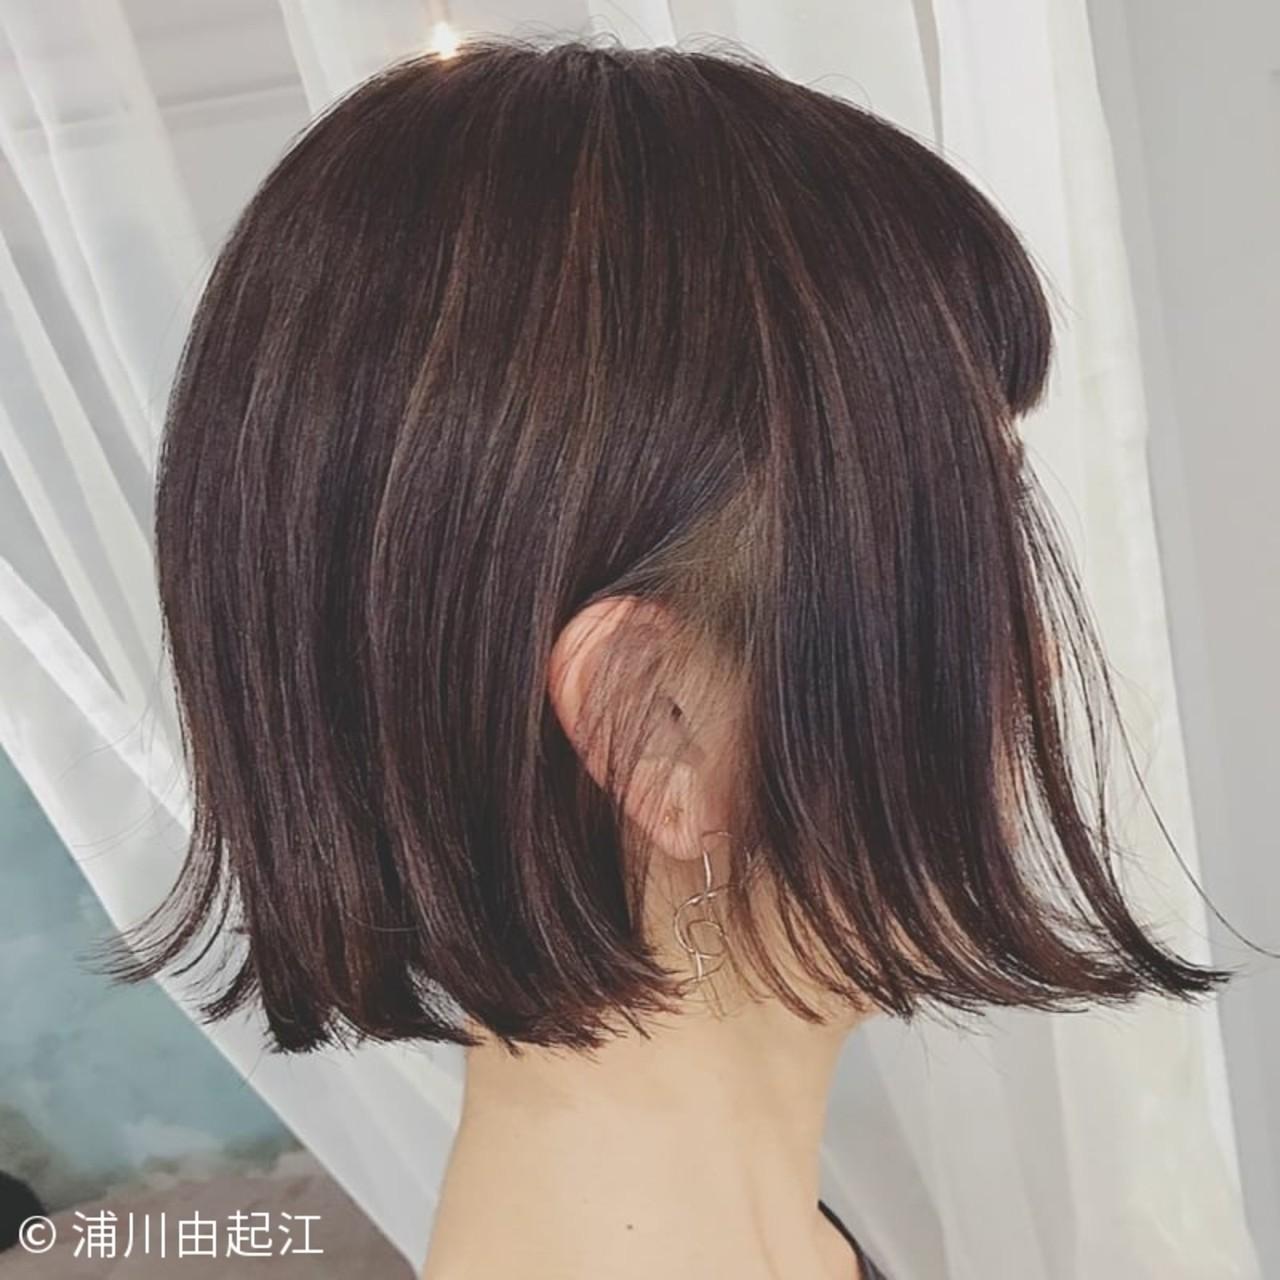 インナーカラー ハイライト 外ハネ ボブ ヘアスタイルや髪型の写真・画像 | 浦川由起江 / nanon